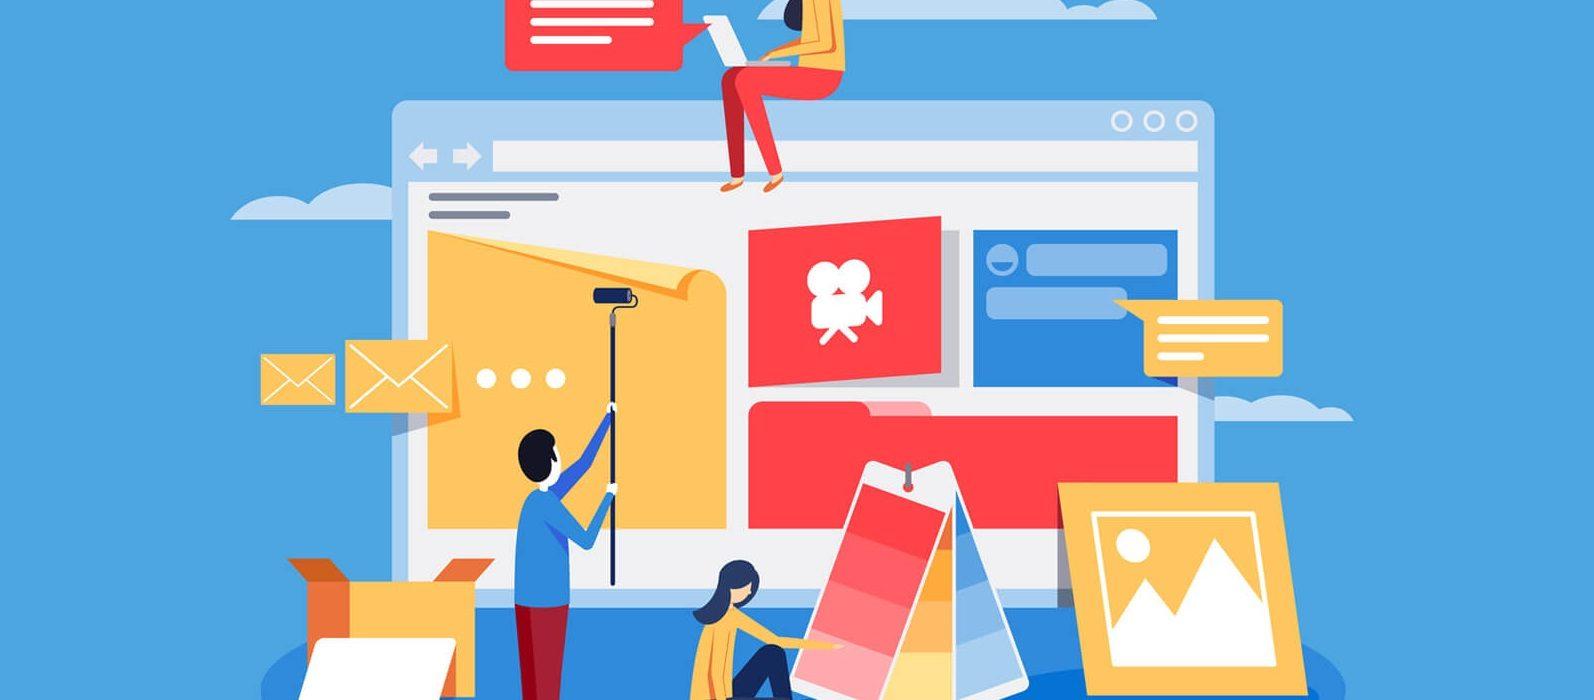 Darmowe szablony sklepu internetowego dla każdej branży - nowoczesny wygląd sklepu w wersji responsywnej - RWD